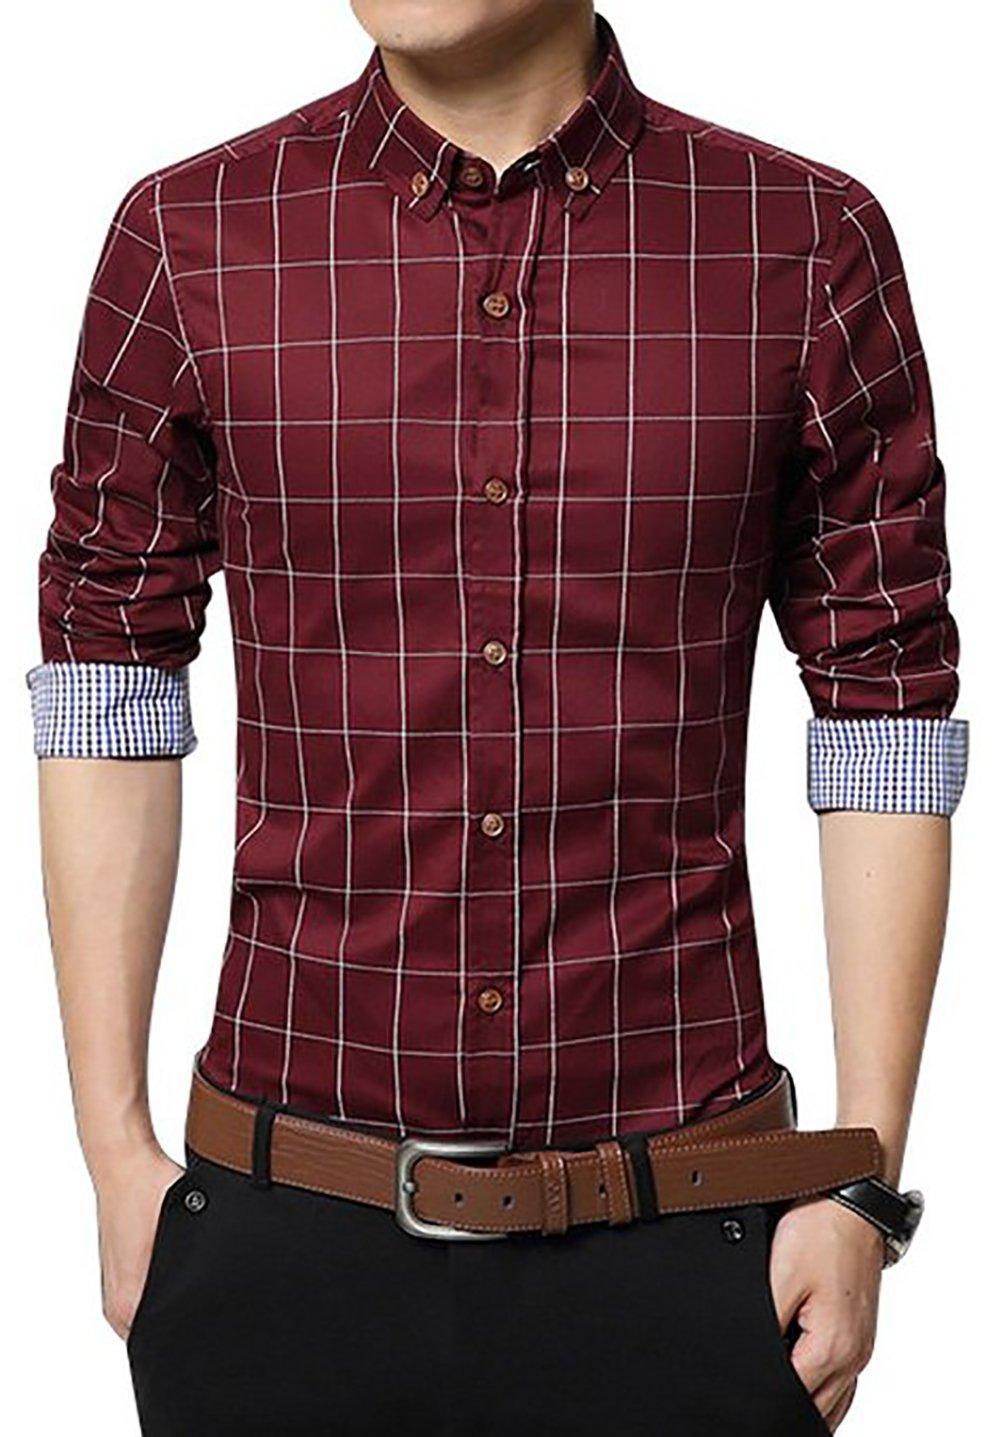 LOCALMODE Men's 100% Cotton Long Sleeve Plaid Slim Fit Button Down Dress Shirt CS52